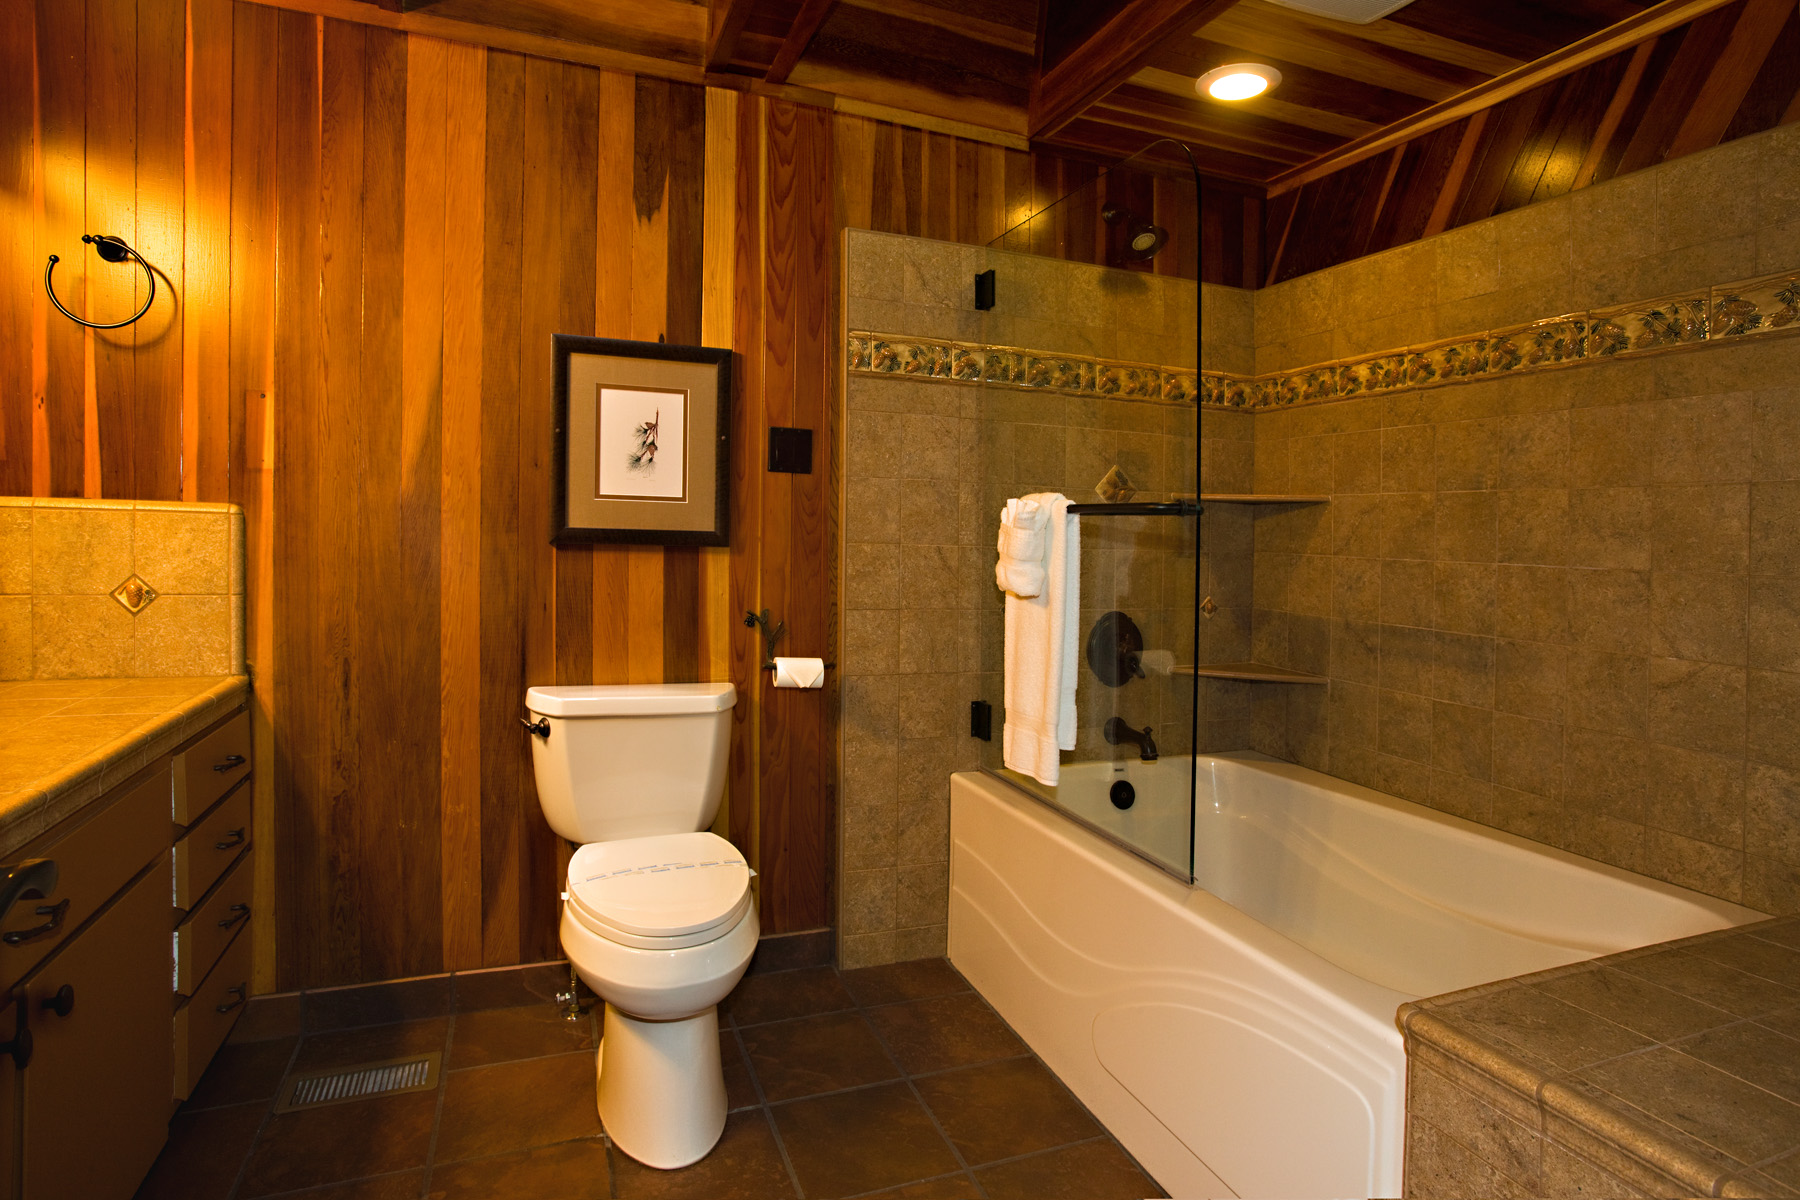 Bathroom on upstairs level